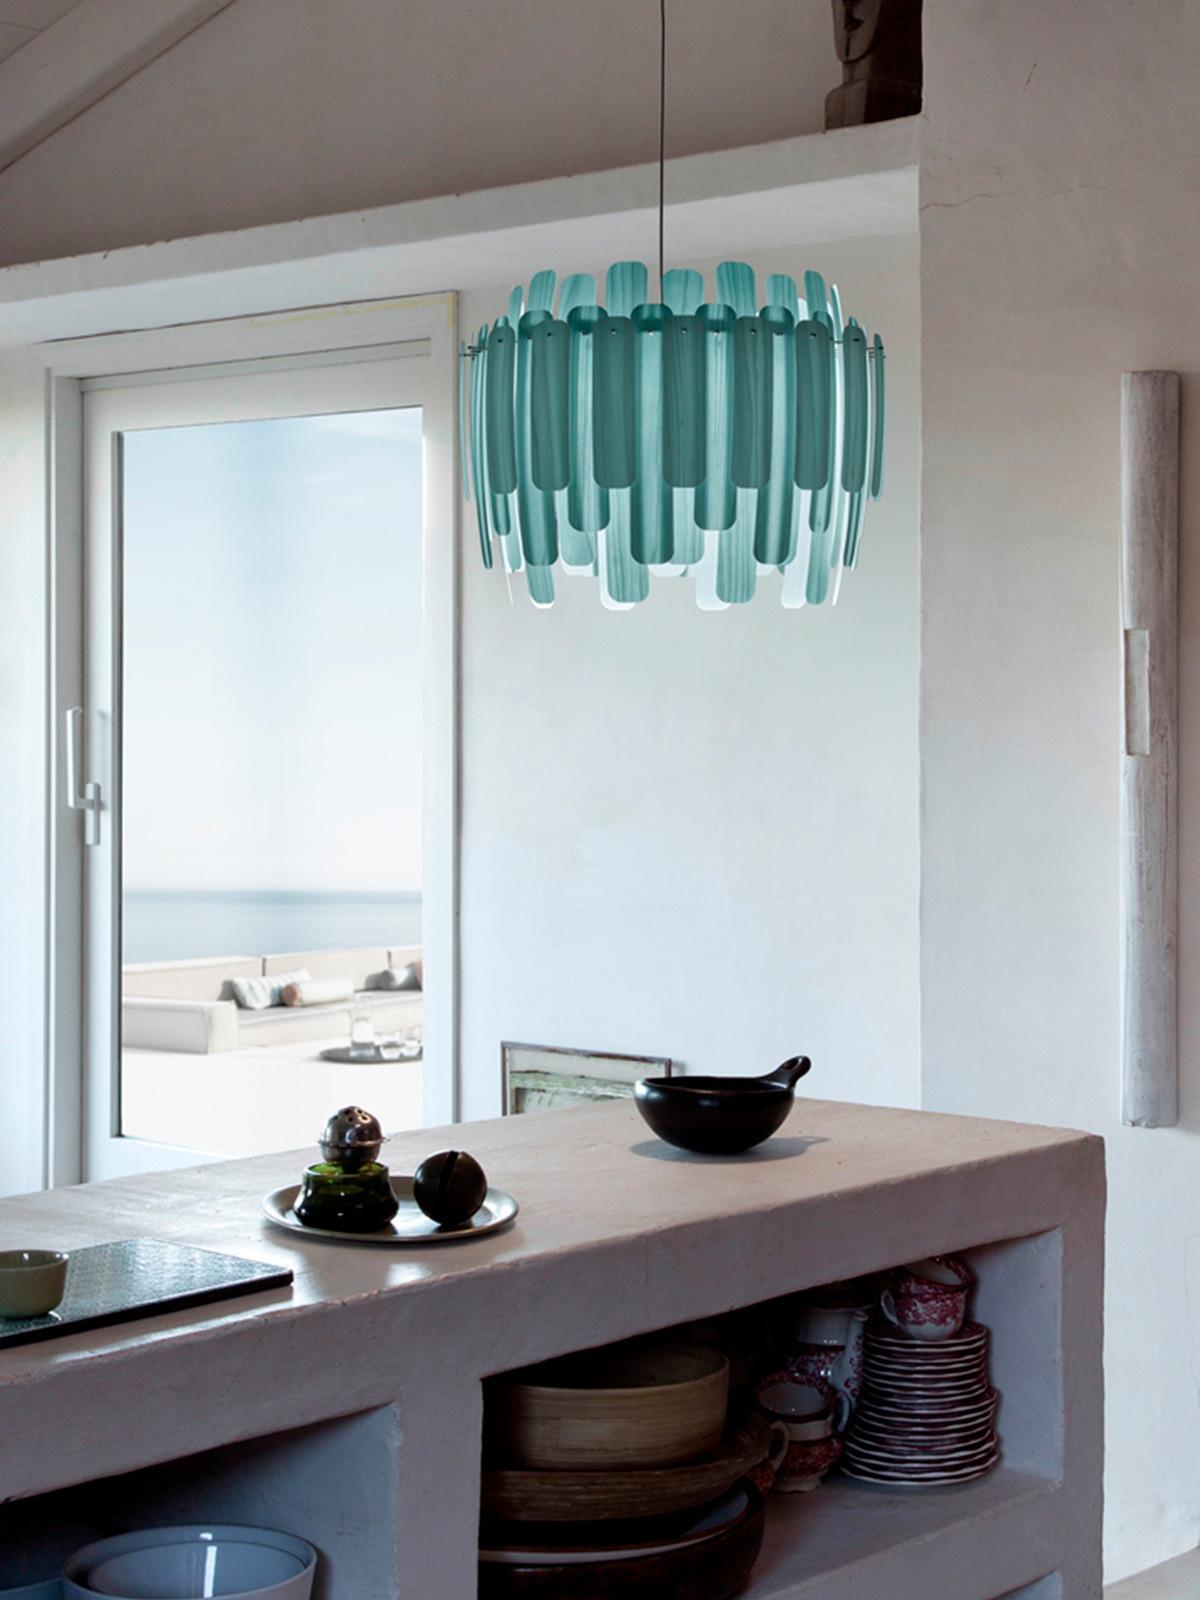 DesignOrt Blog: Trend: Farbige Leuchten Maruja Holzleuchte LZF Lamps Pendelleuchte DesignOrt Berlin Lampen Onlineshop